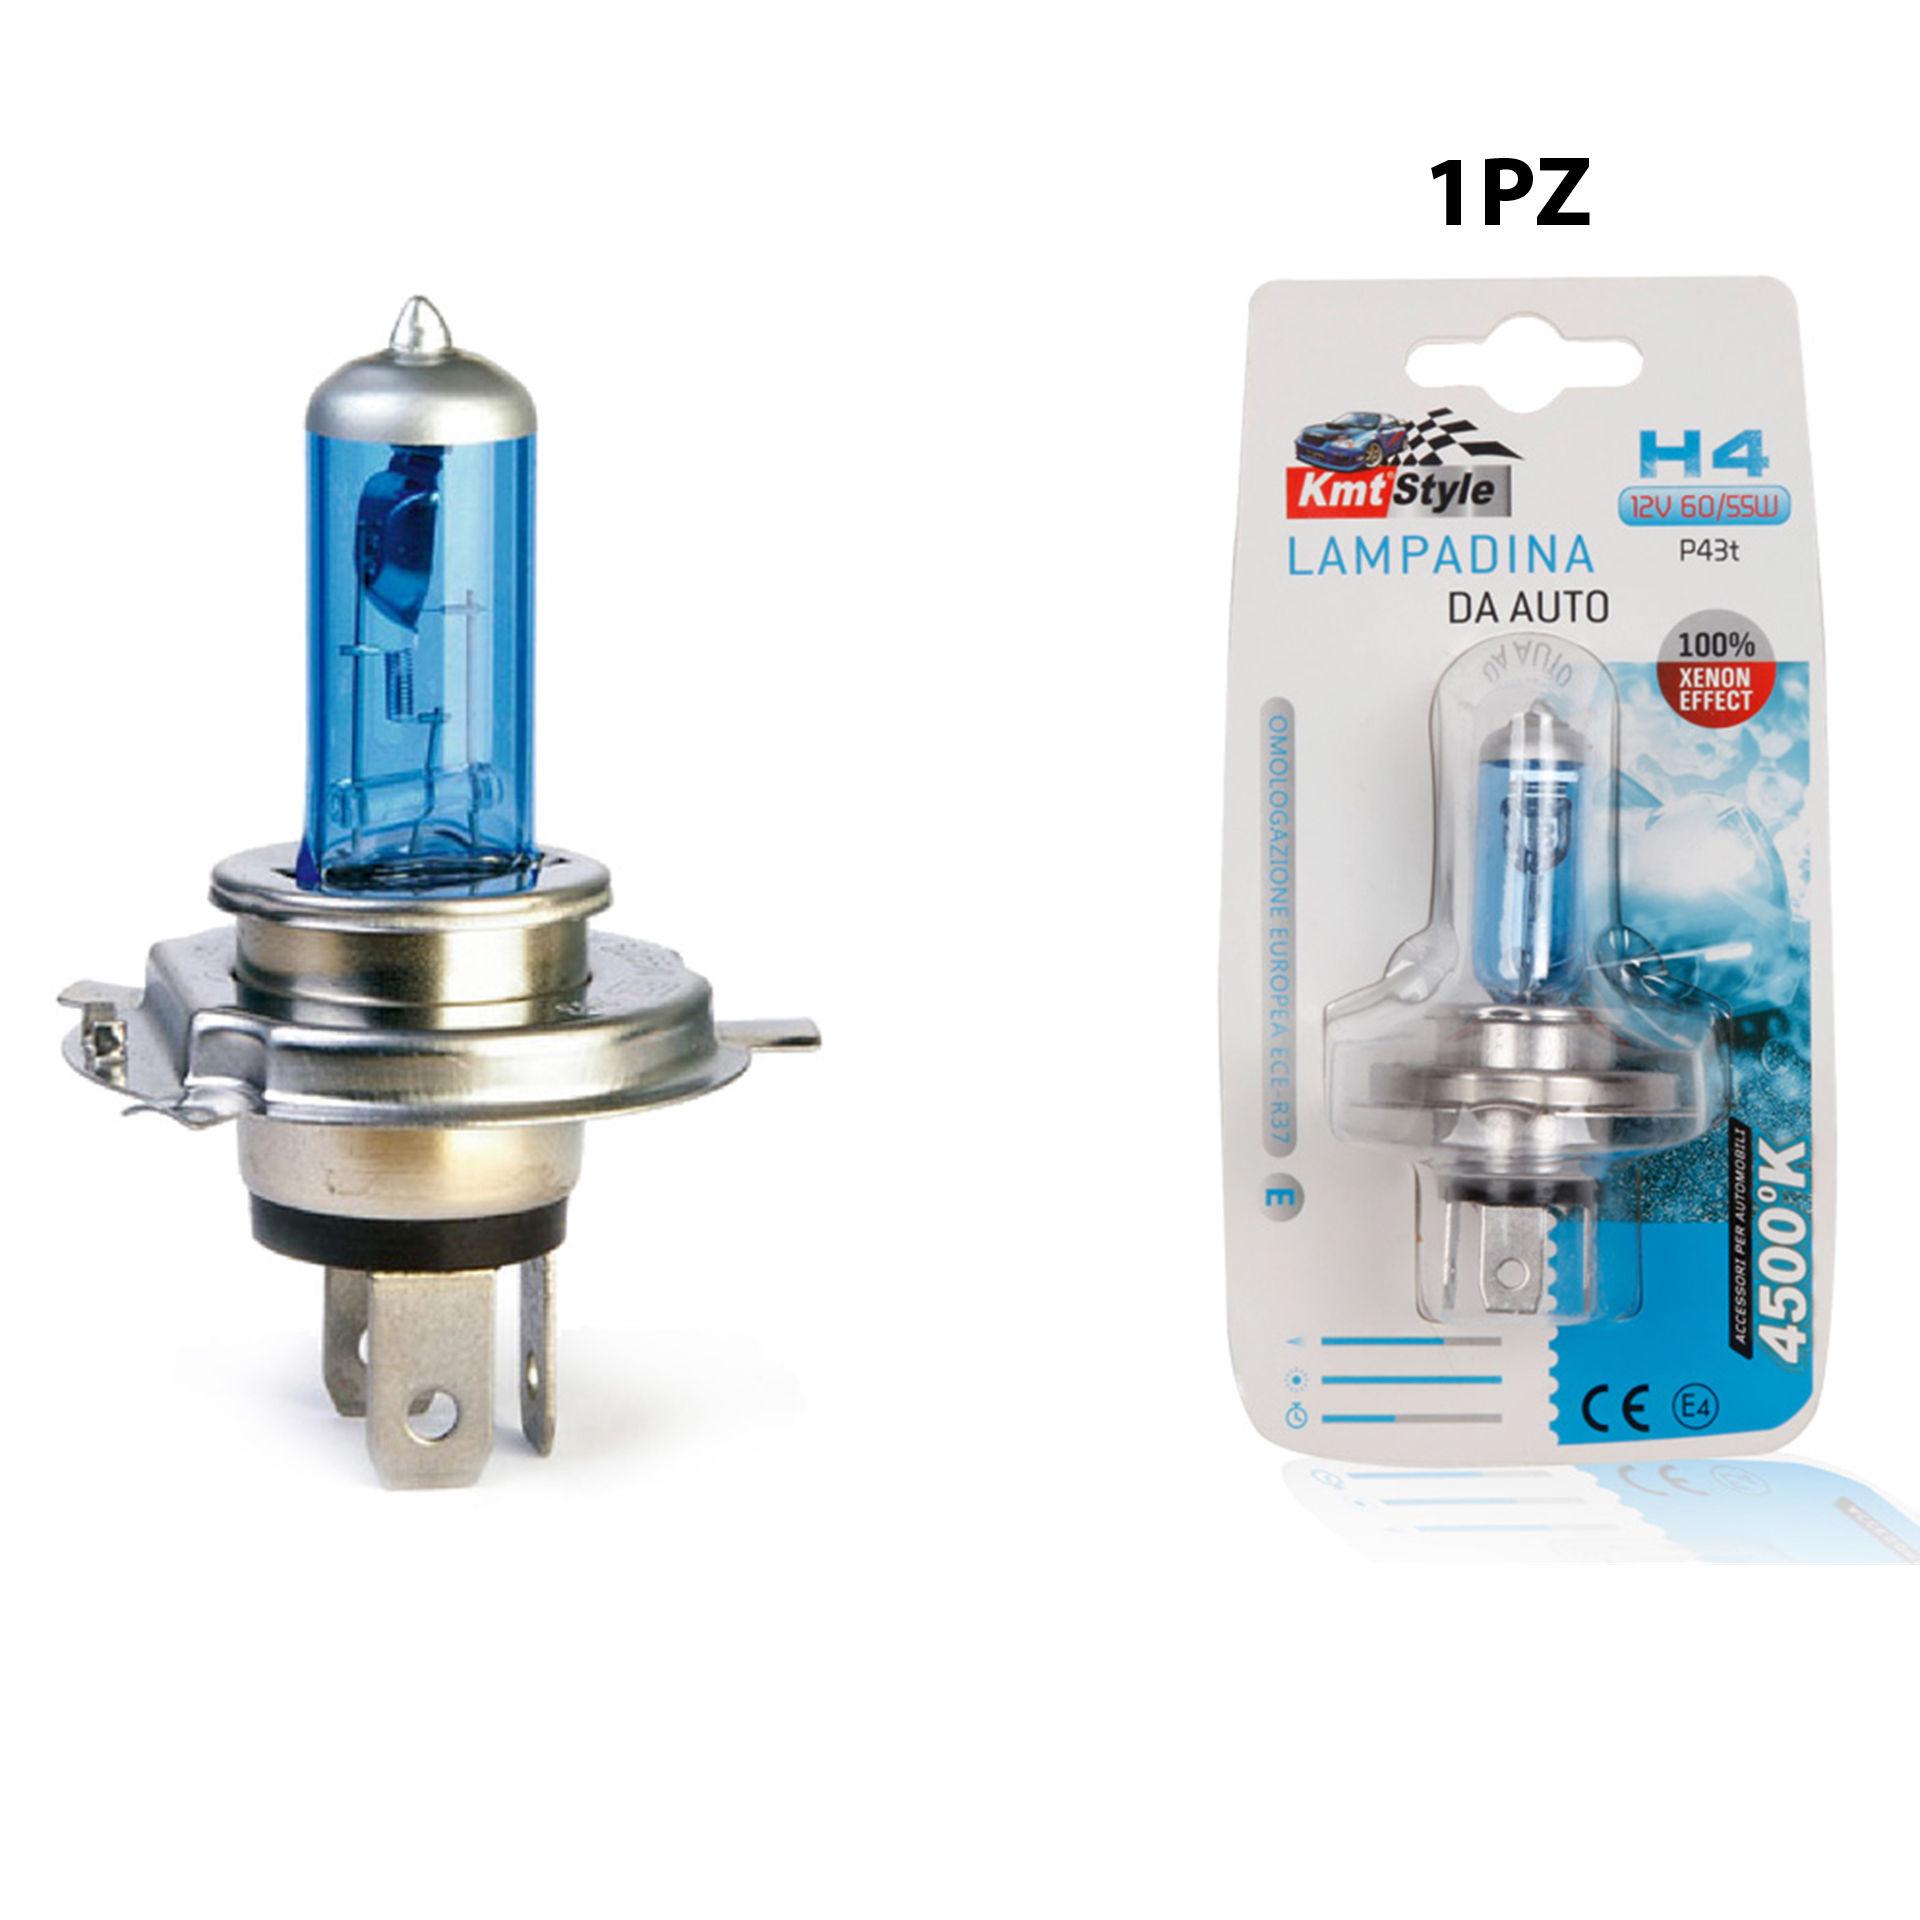 LAMPADA DA AUTO(BLUE) H4 12V 55/60W 1PCSEmi Style